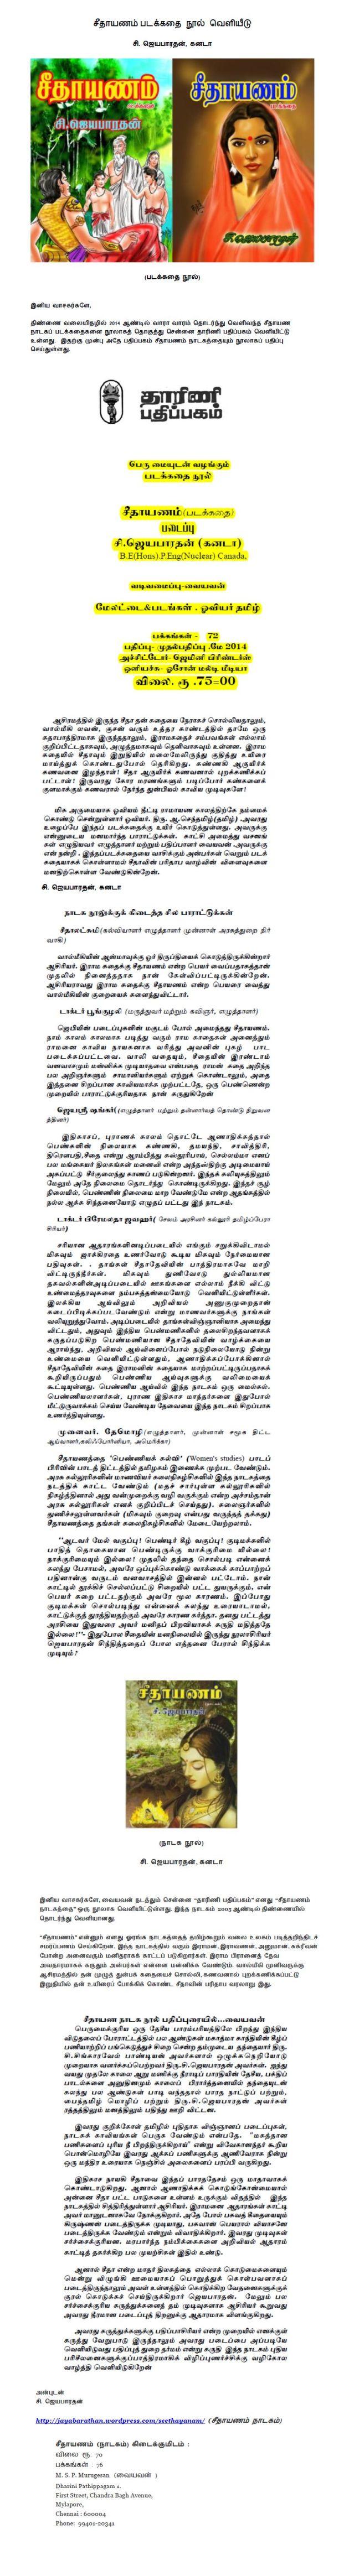 Seethayanam Drama and Padakathai Publications